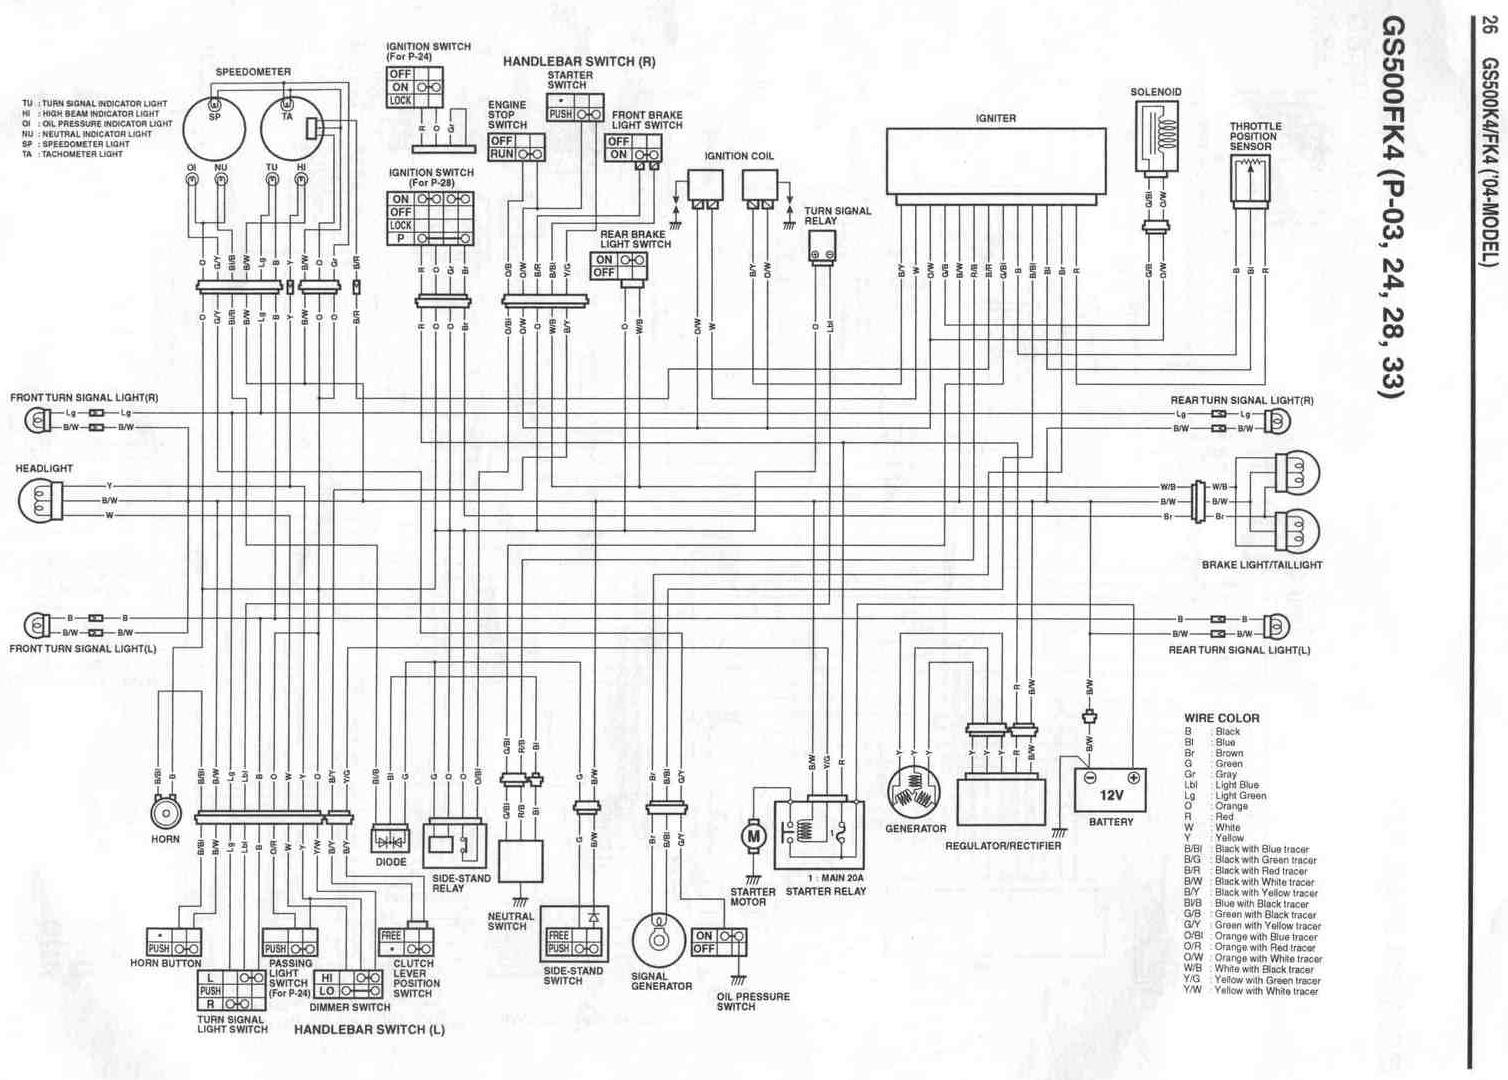 2001 suzuki marauder engine diagram wiring diagram expert  marauder engine diagram #11